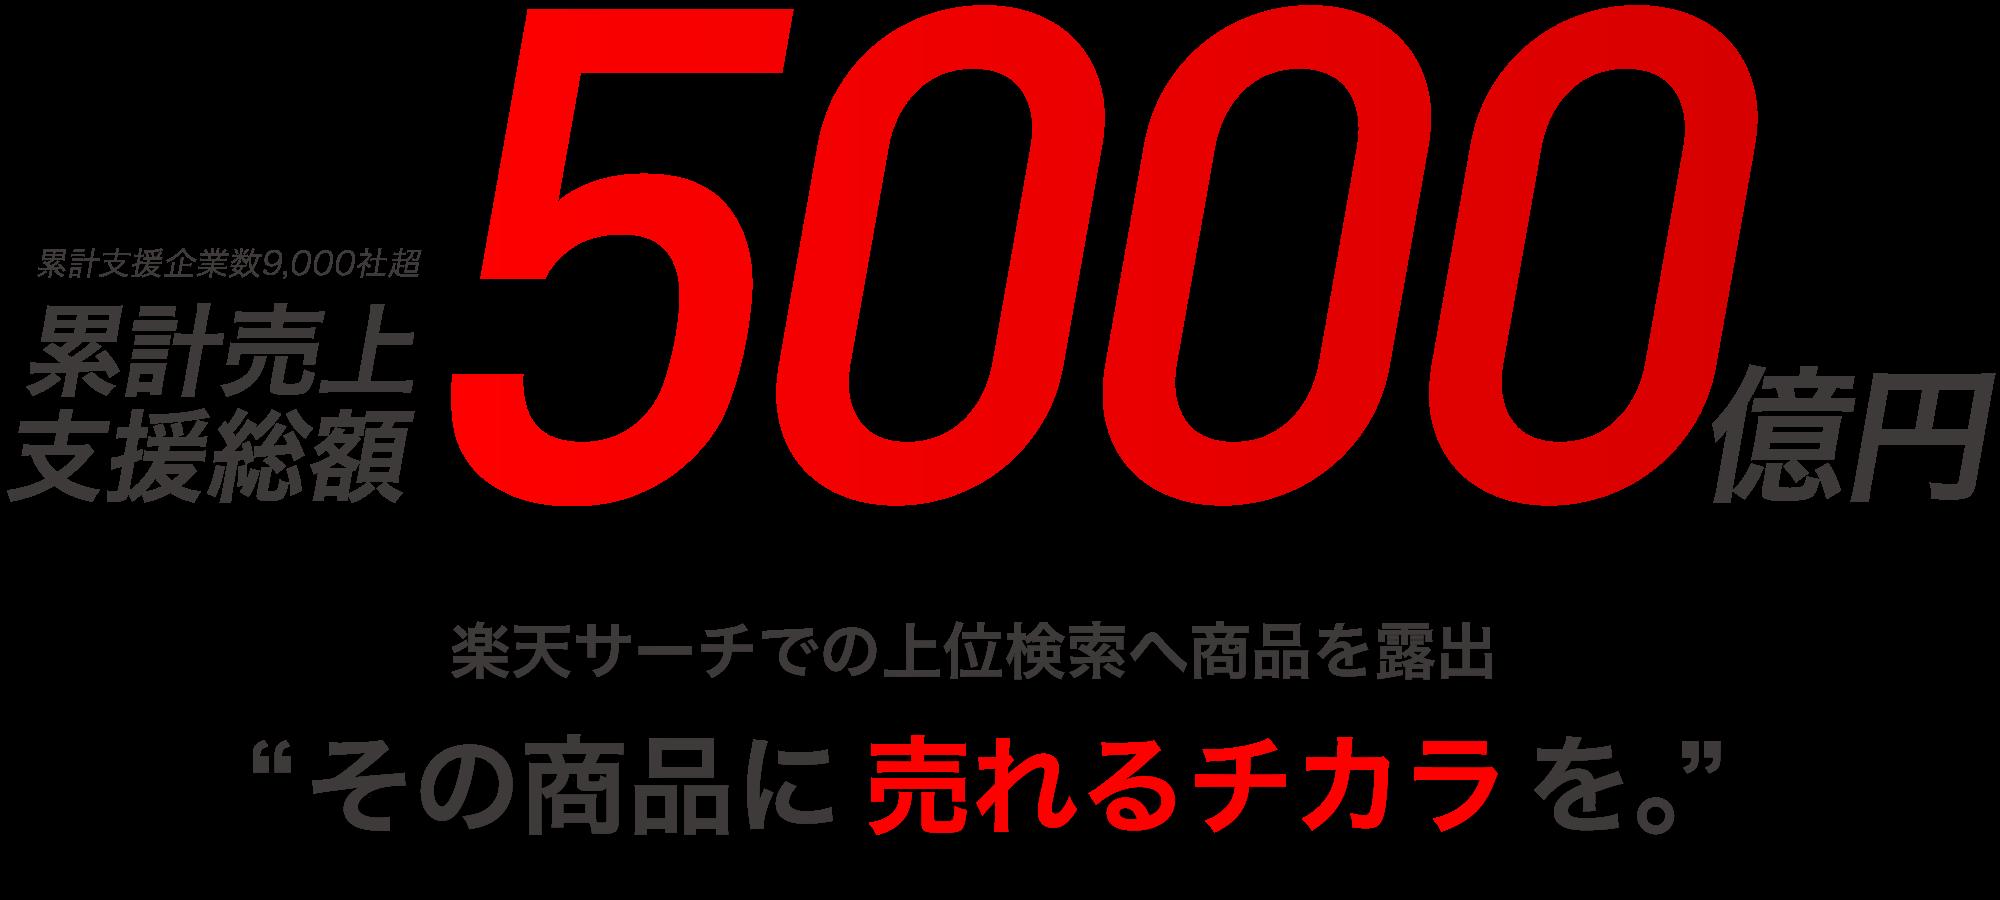 年間売上支援総額700億円 その商品に売れるチカラを。